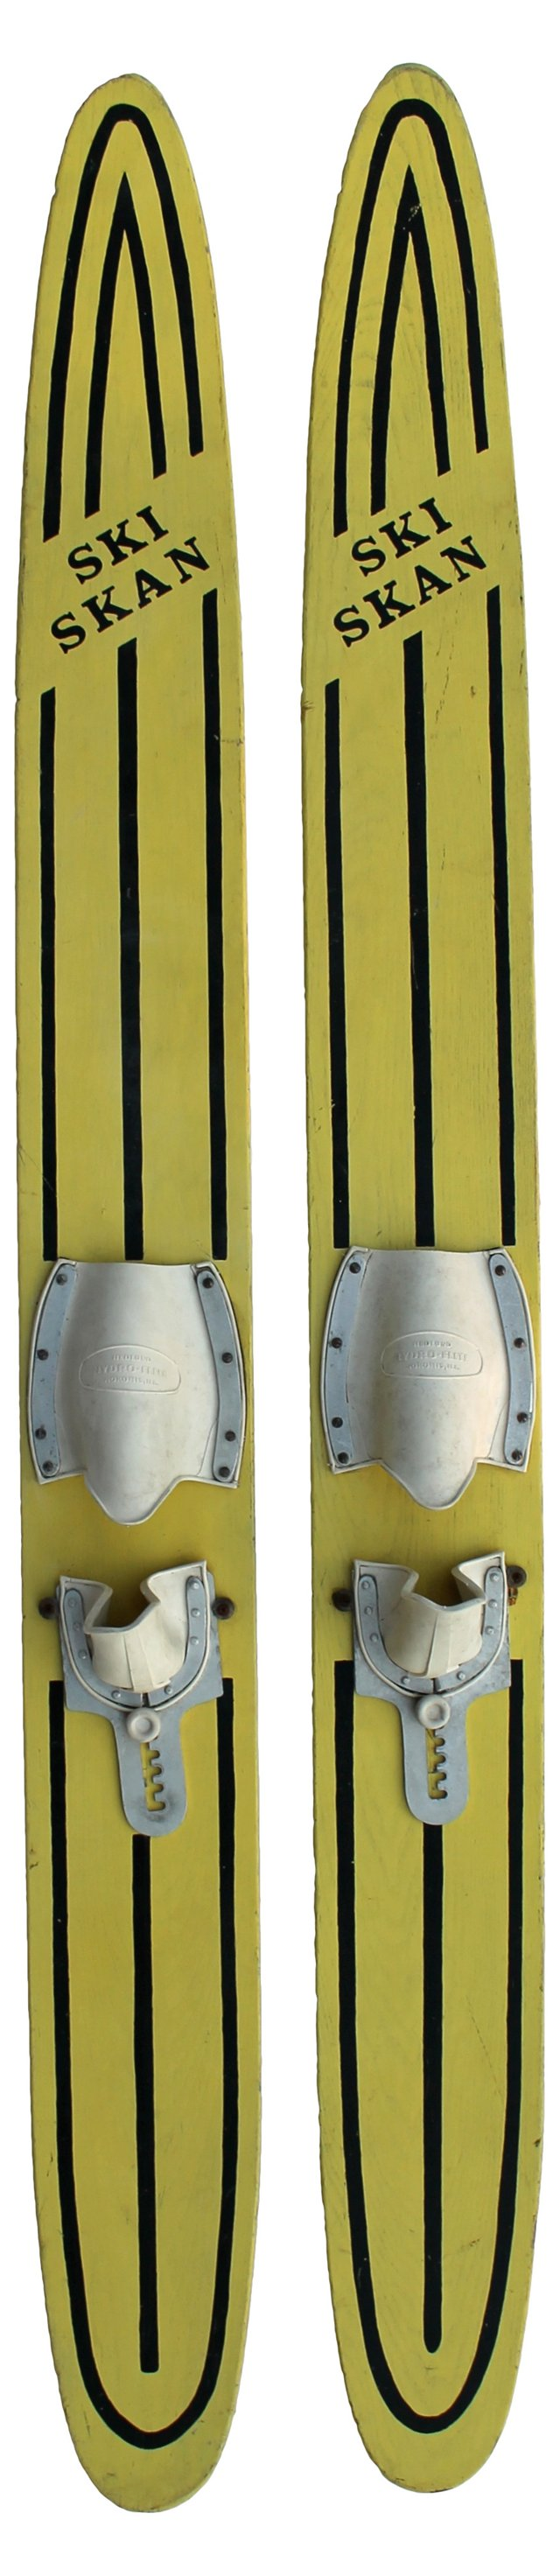 Ski Skan Water Skis, Pair